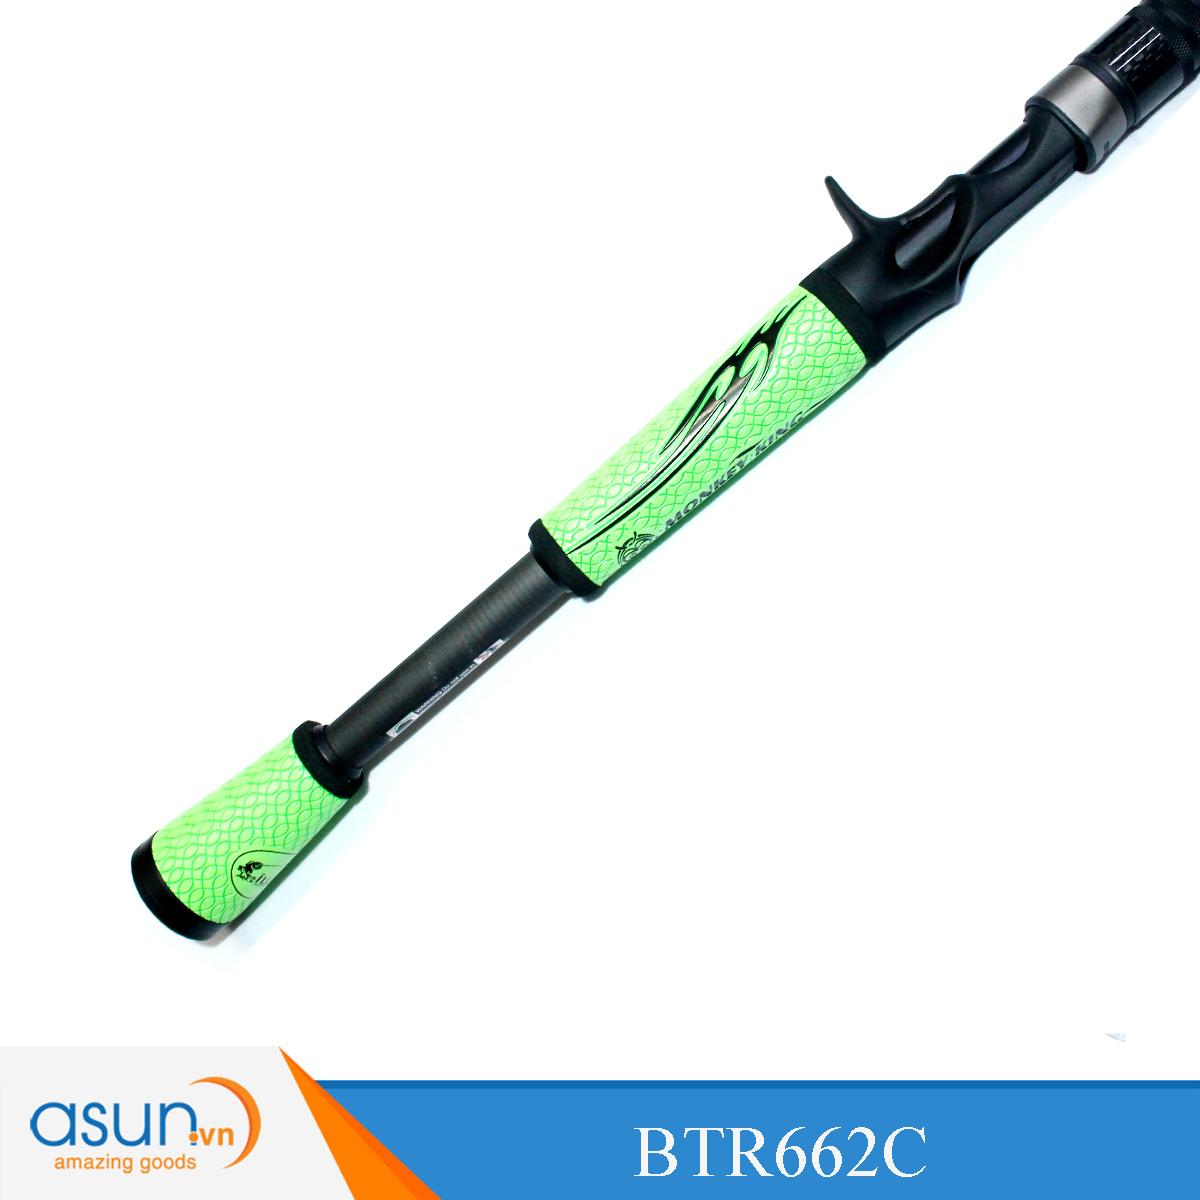 Cần Câu Rút Máy Ngang I Lure Bass One BTR662C - 1m98 - Chính Hãng